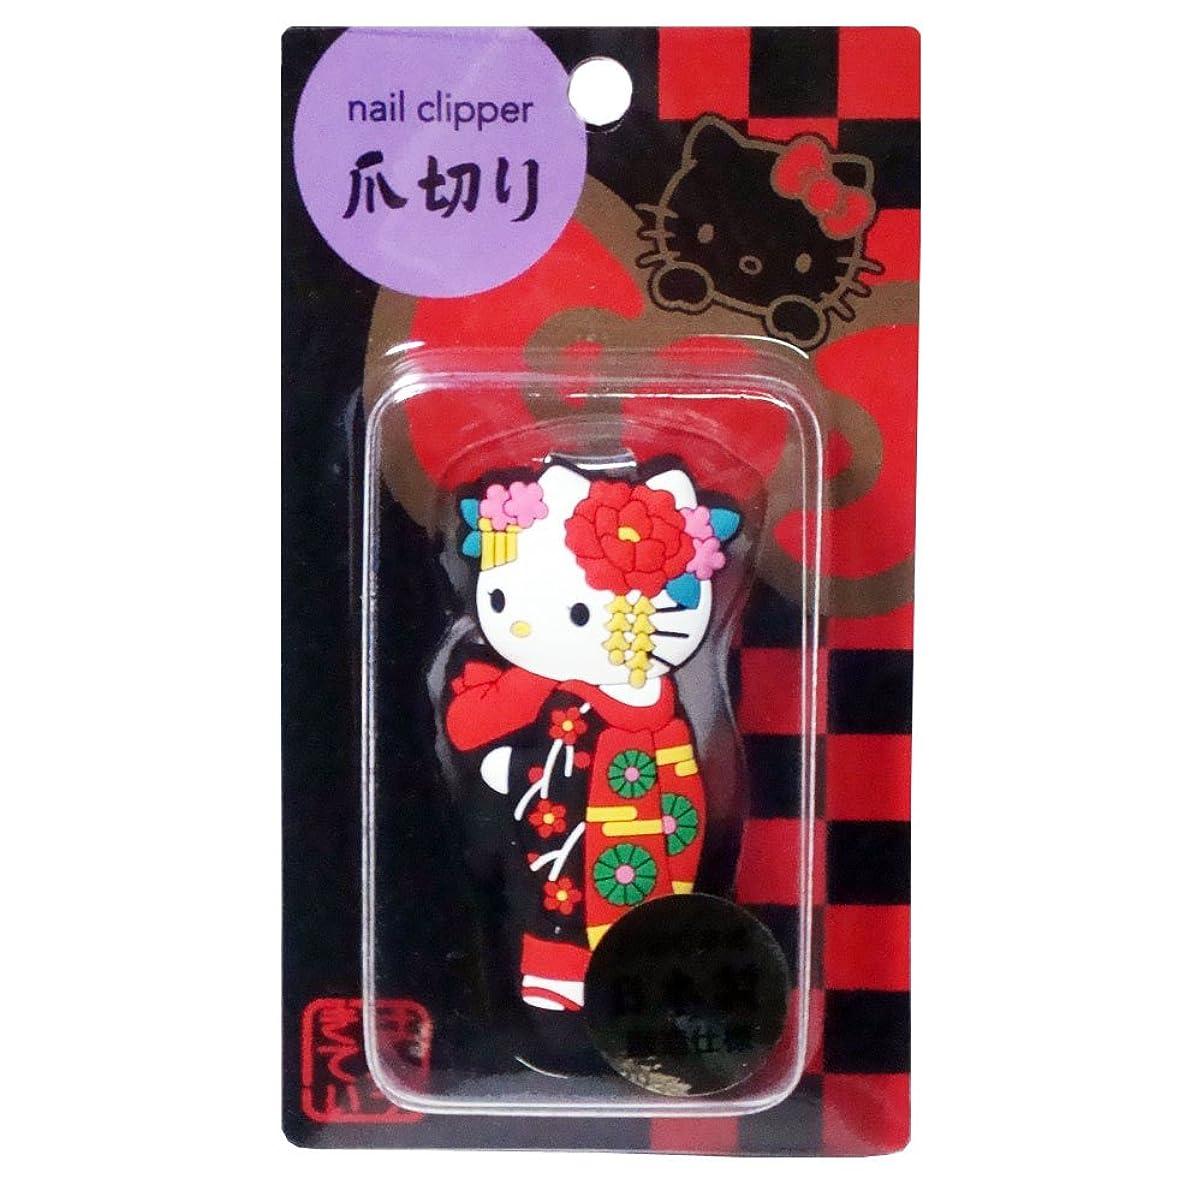 セミナー刺繍保存舞妓キティ ラバー爪切り BK